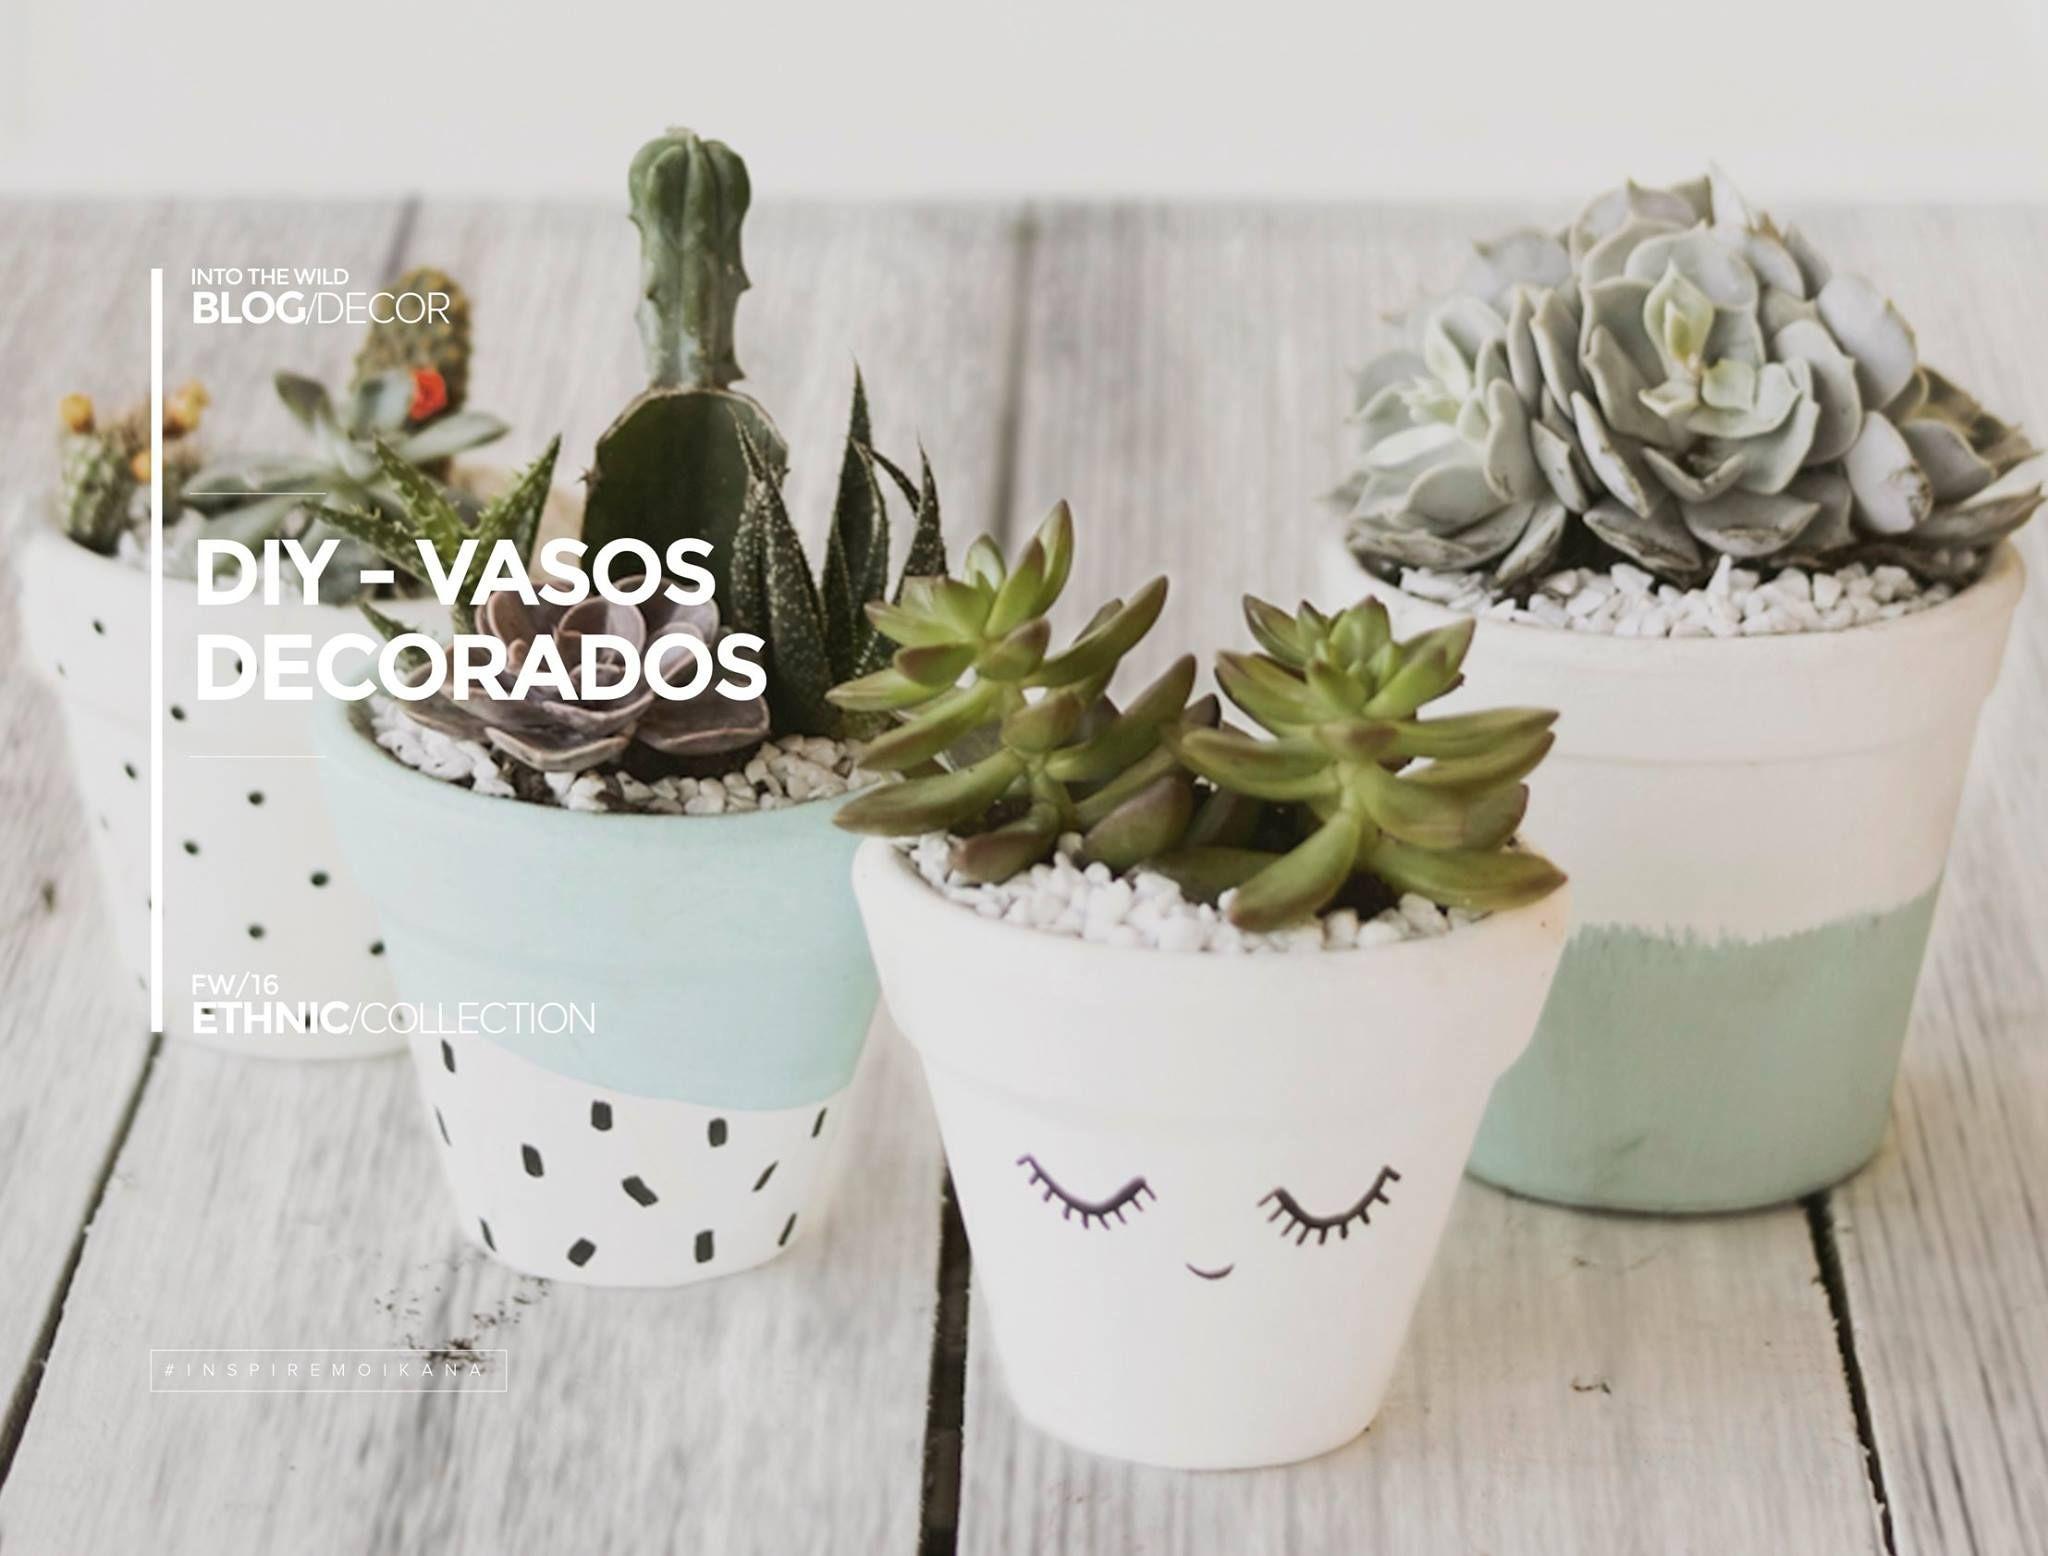 Lindas e práticas de cuidar, as suculentas são ótimas plantas para cultivar em ambientes internos. Aprenda com a gente como decorar os vasinhos das suas e deixar a atmosfera ainda mais cool! No blog>> http://bit.ly/1nRDLvQ  #inspiremoikana